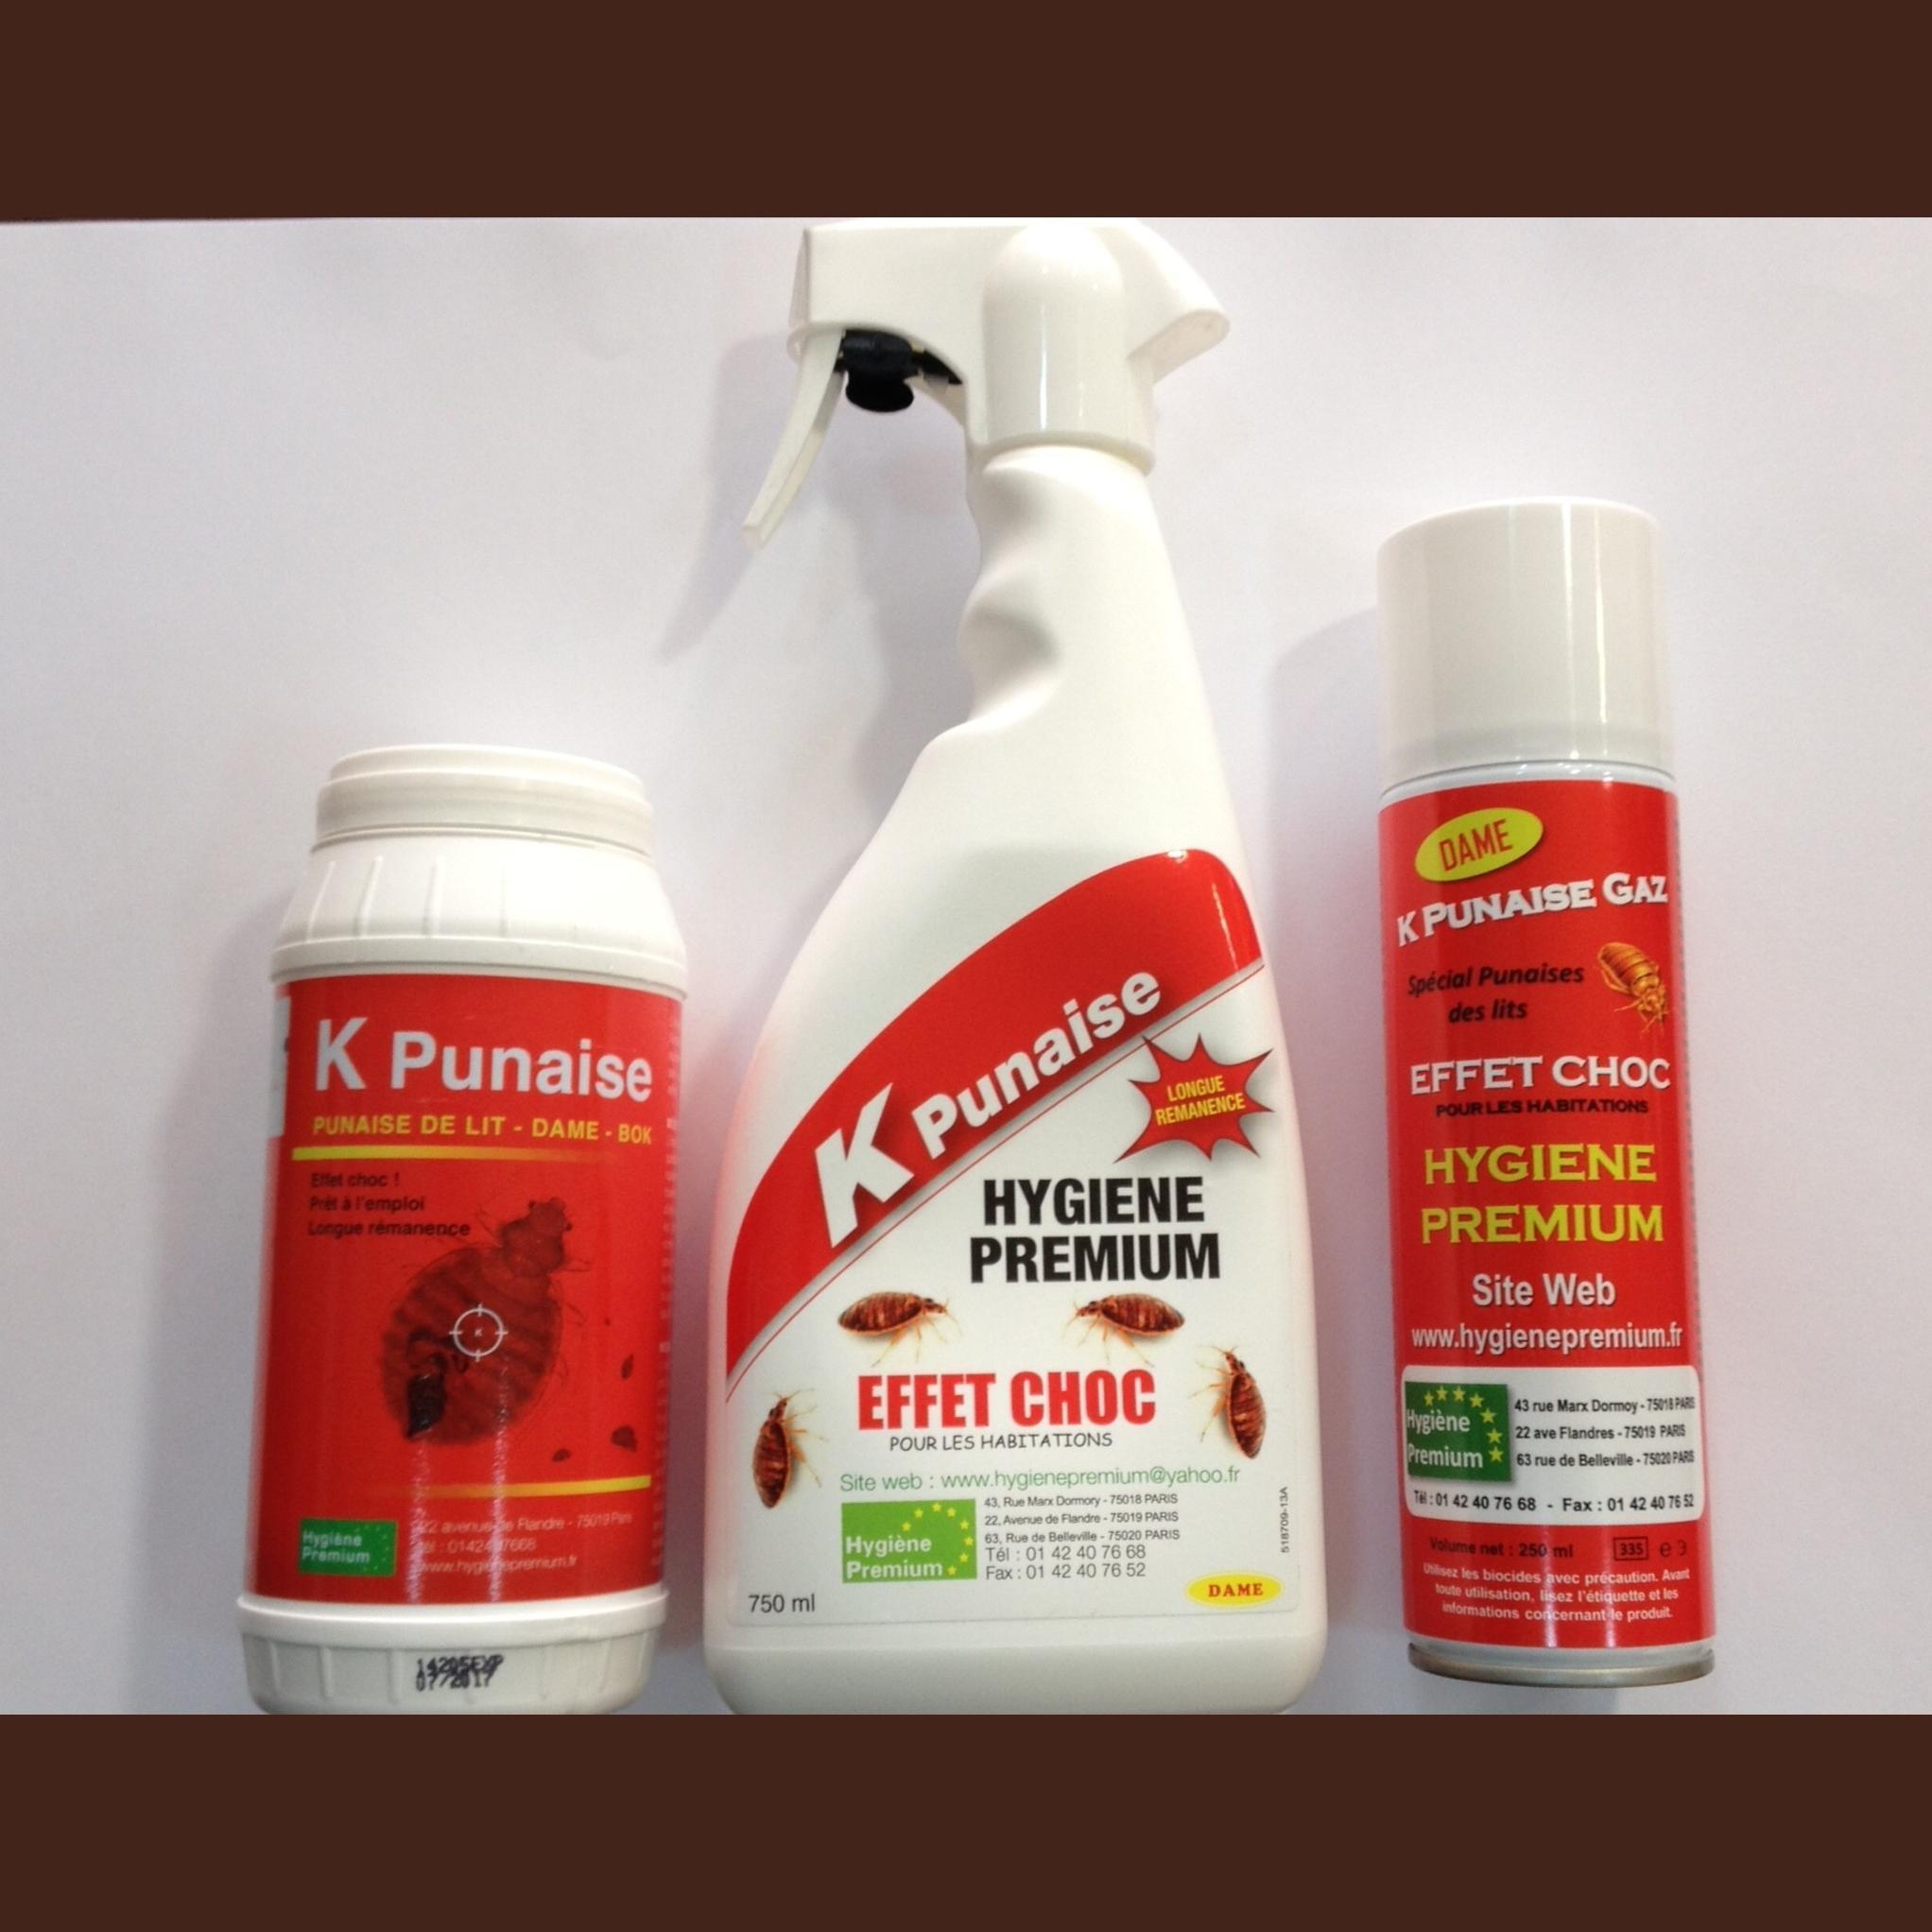 Kit punaises de lit hygiene premium - Punaise de lit traitement professionnel ...